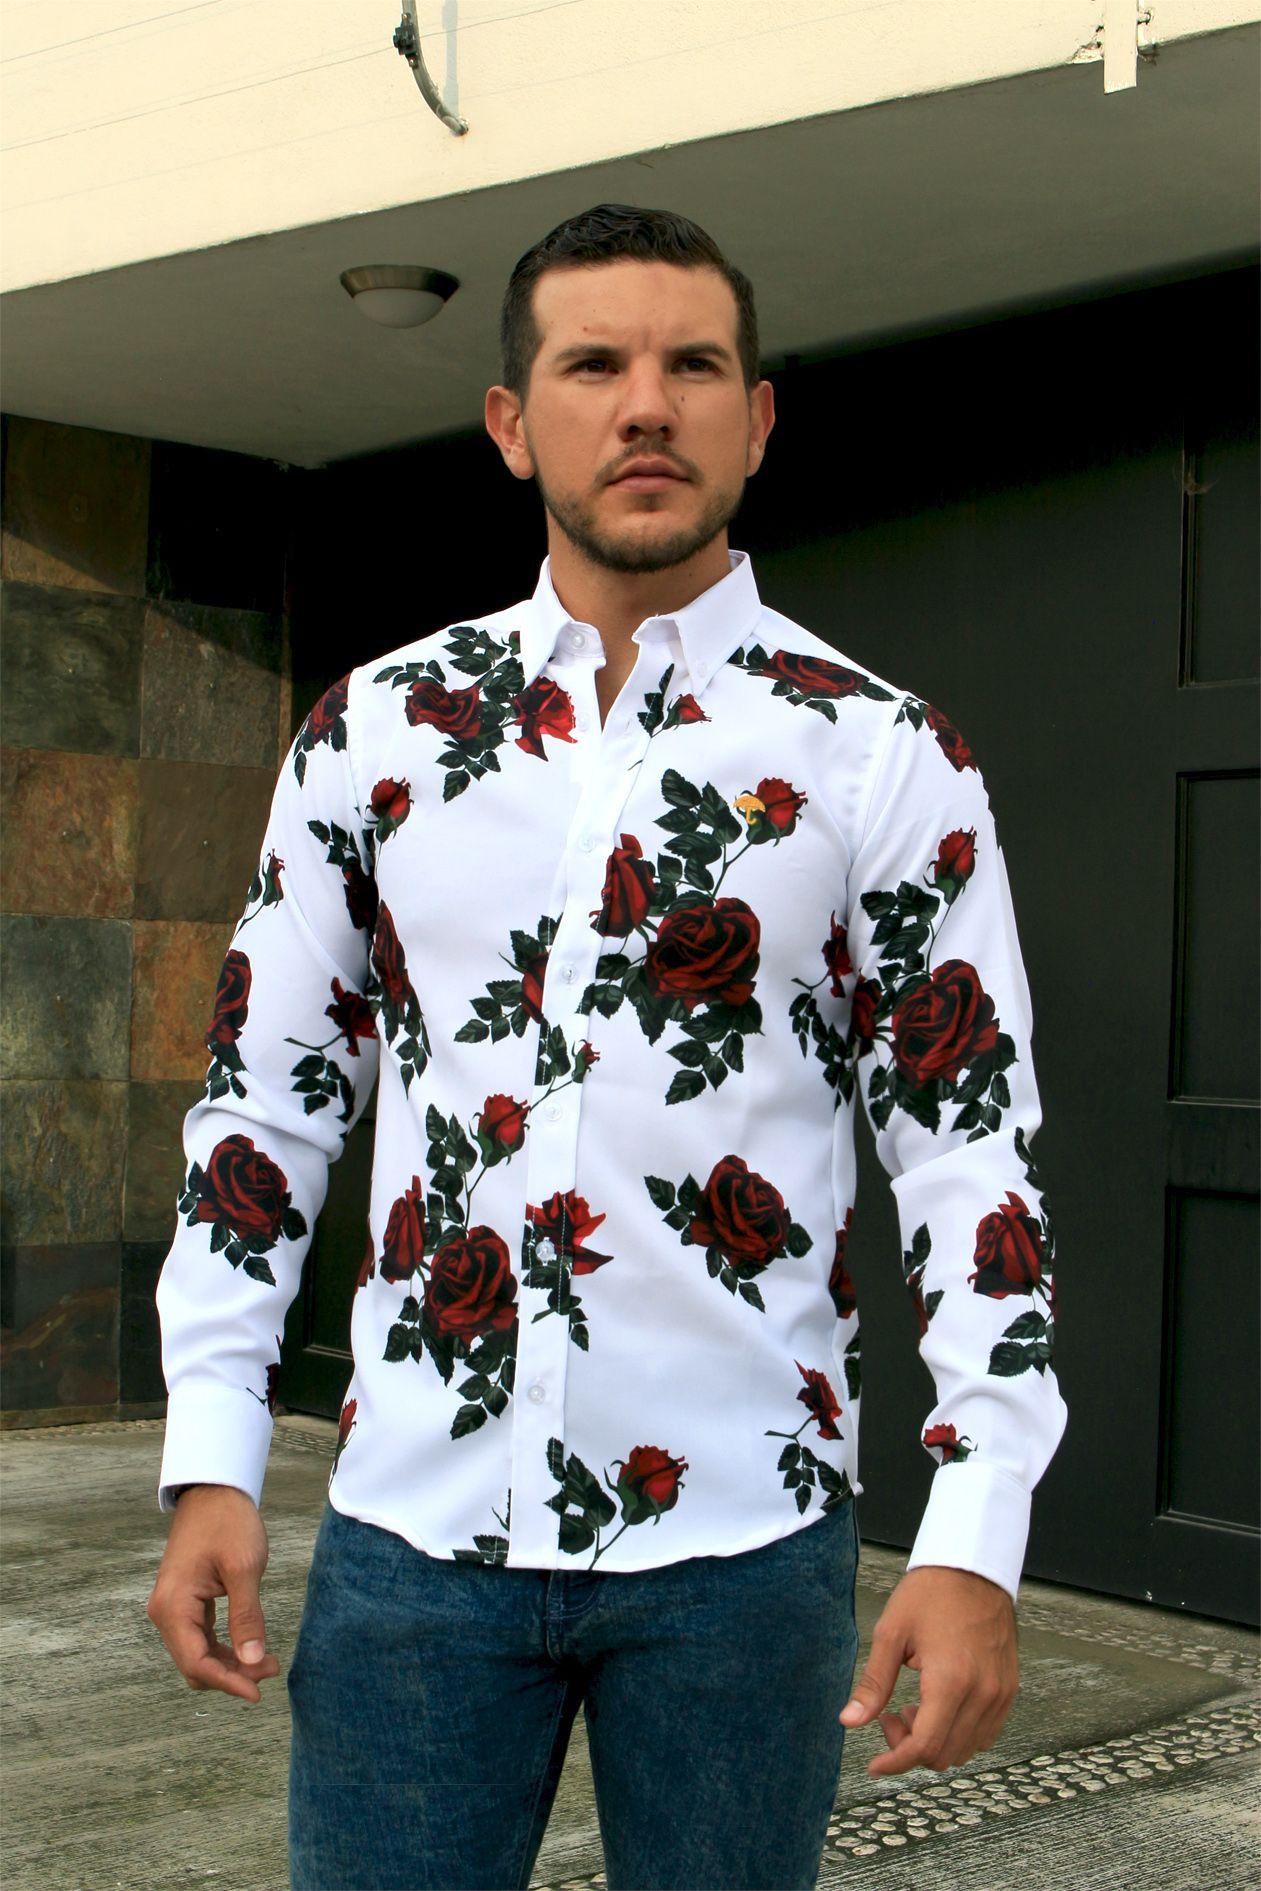 incidente imitar Último  Outfit para hombre; camisa slim fit blanca flores rojas grandes, jeans de  mezclilla, tenis de piel bla… | Ropa casual hombres, Moda ropa hombre, Ropa  moderna hombre